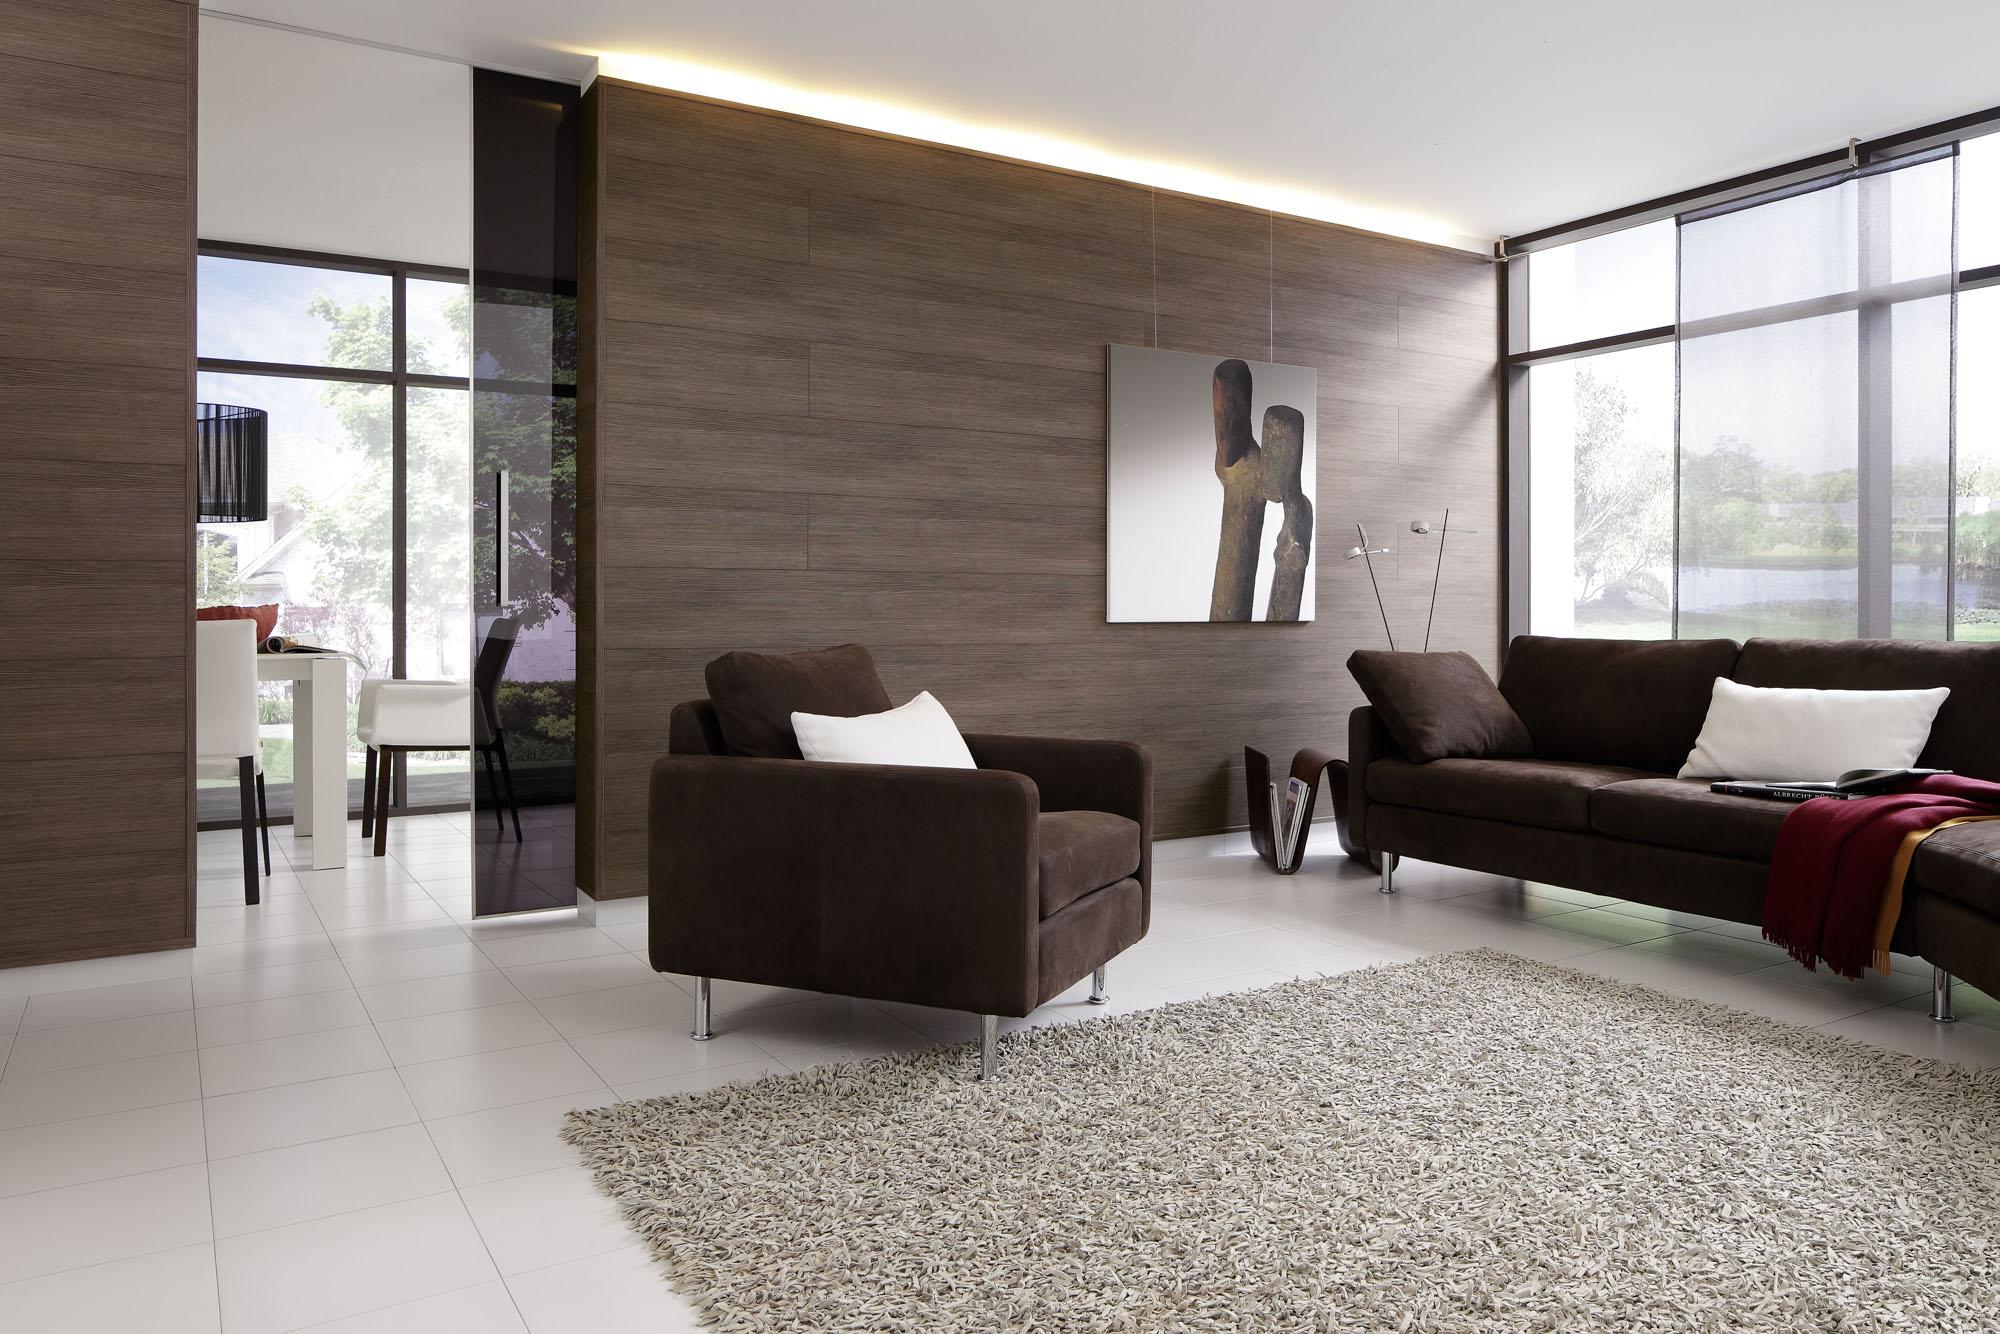 Full Size of Holz An Wnden Und Decken Schnes Zuhause Deckenleuchten Küche Deckenlampen Für Wohnzimmer Bad Deckenleuchte Schöne Betten Deckenlampe Schlafzimmer Mein Wohnzimmer Schöne Decken